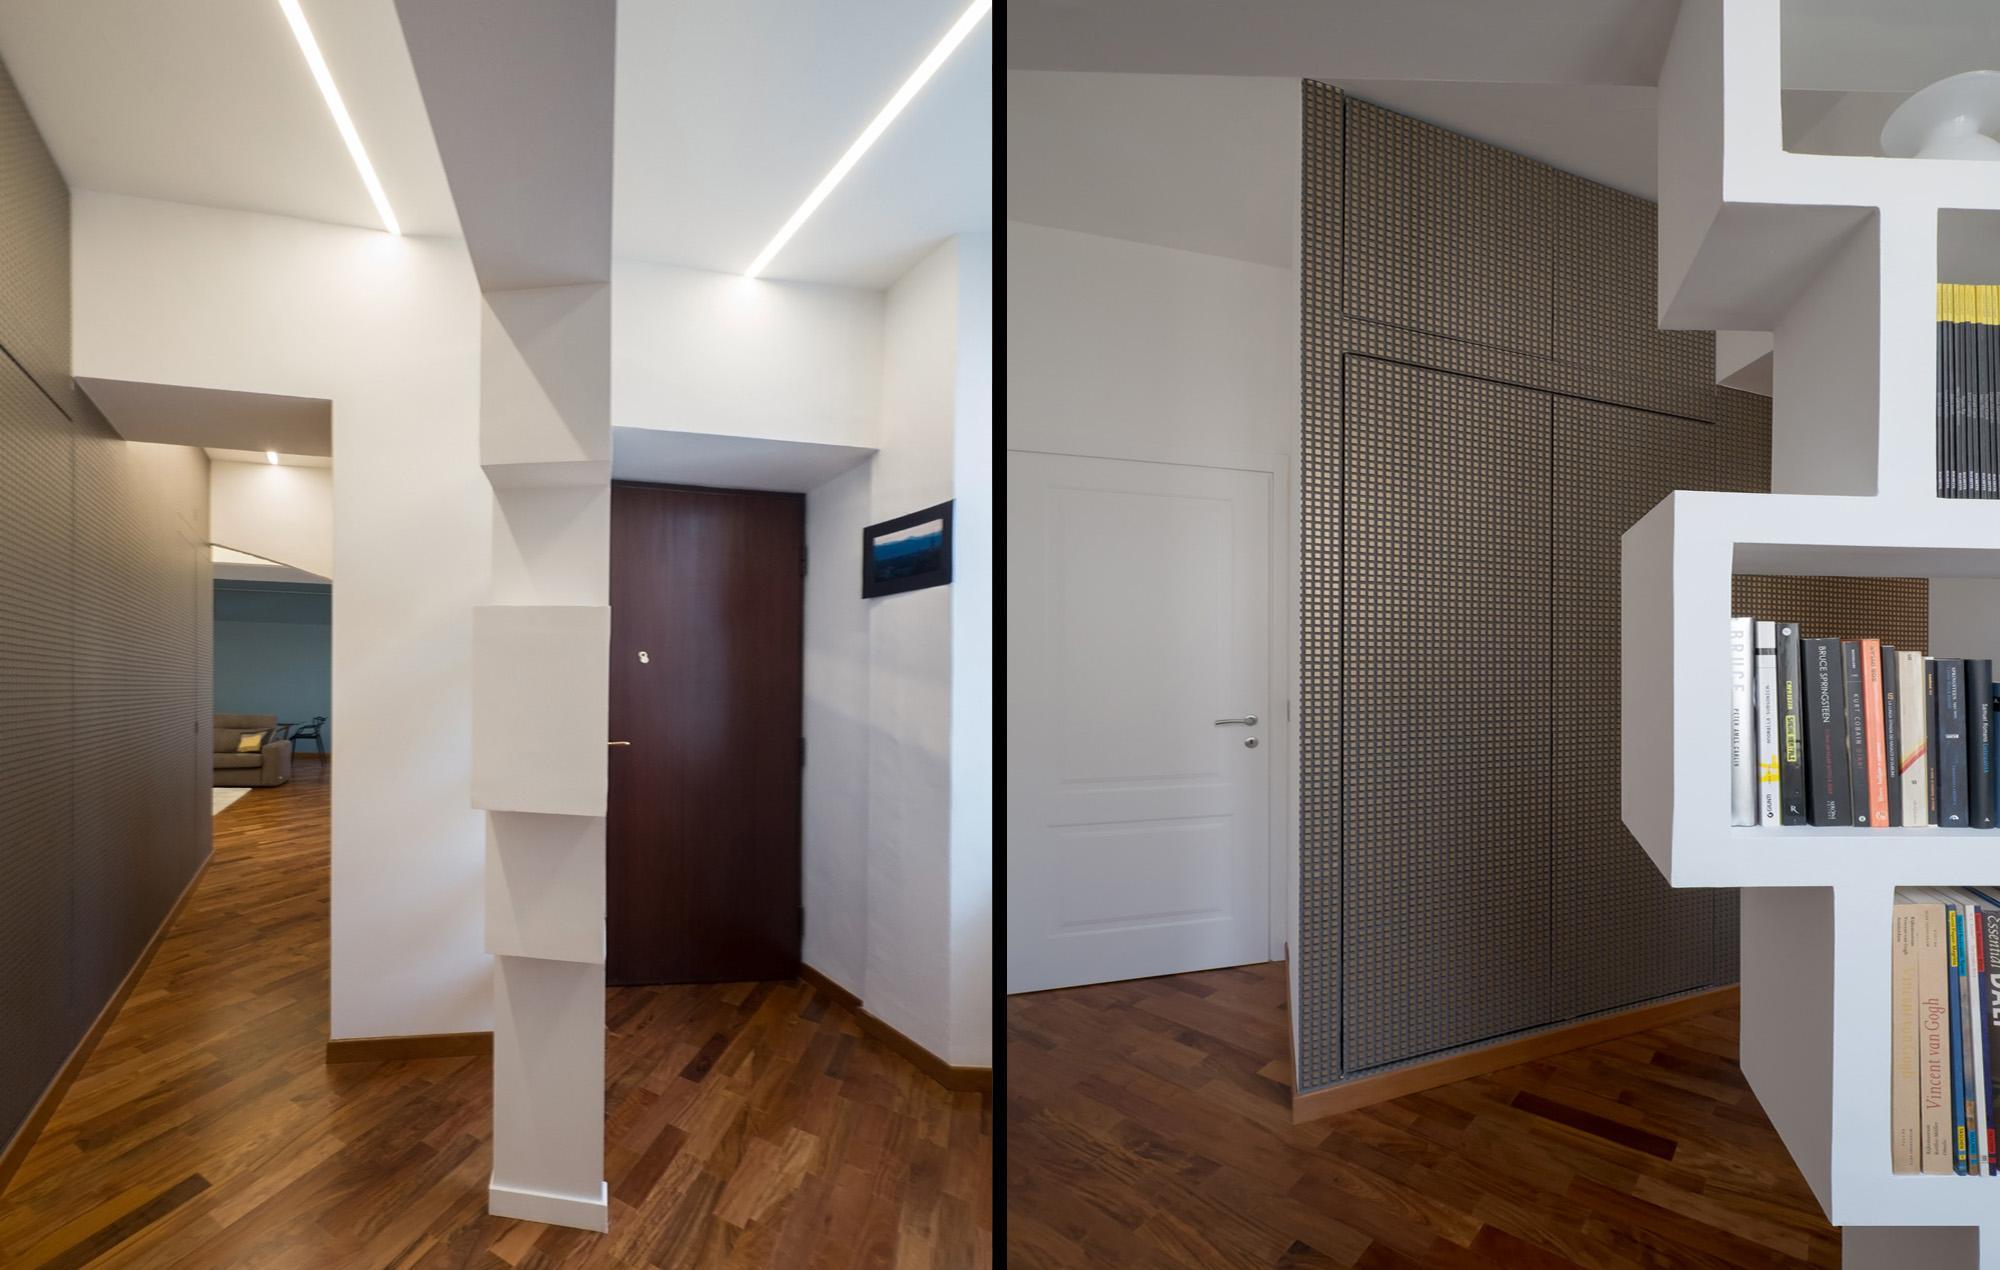 Architetto Andrea Milano -Ampliamento e ristrutturazione di appartamento nel quartiere Vanchiglia